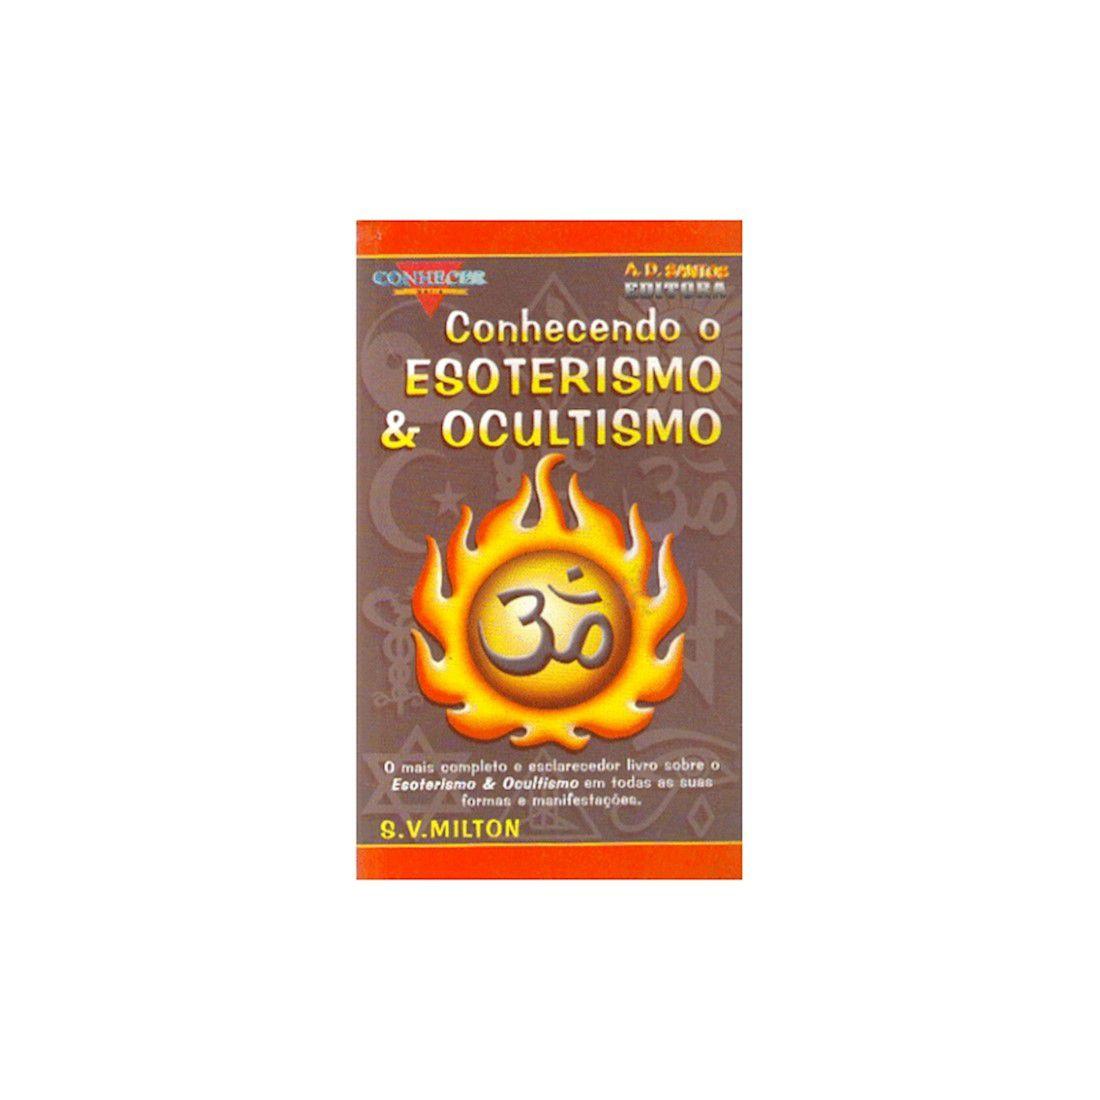 Livro Conhecendo o Esoterismo e Ocultismo - Série Conhecer